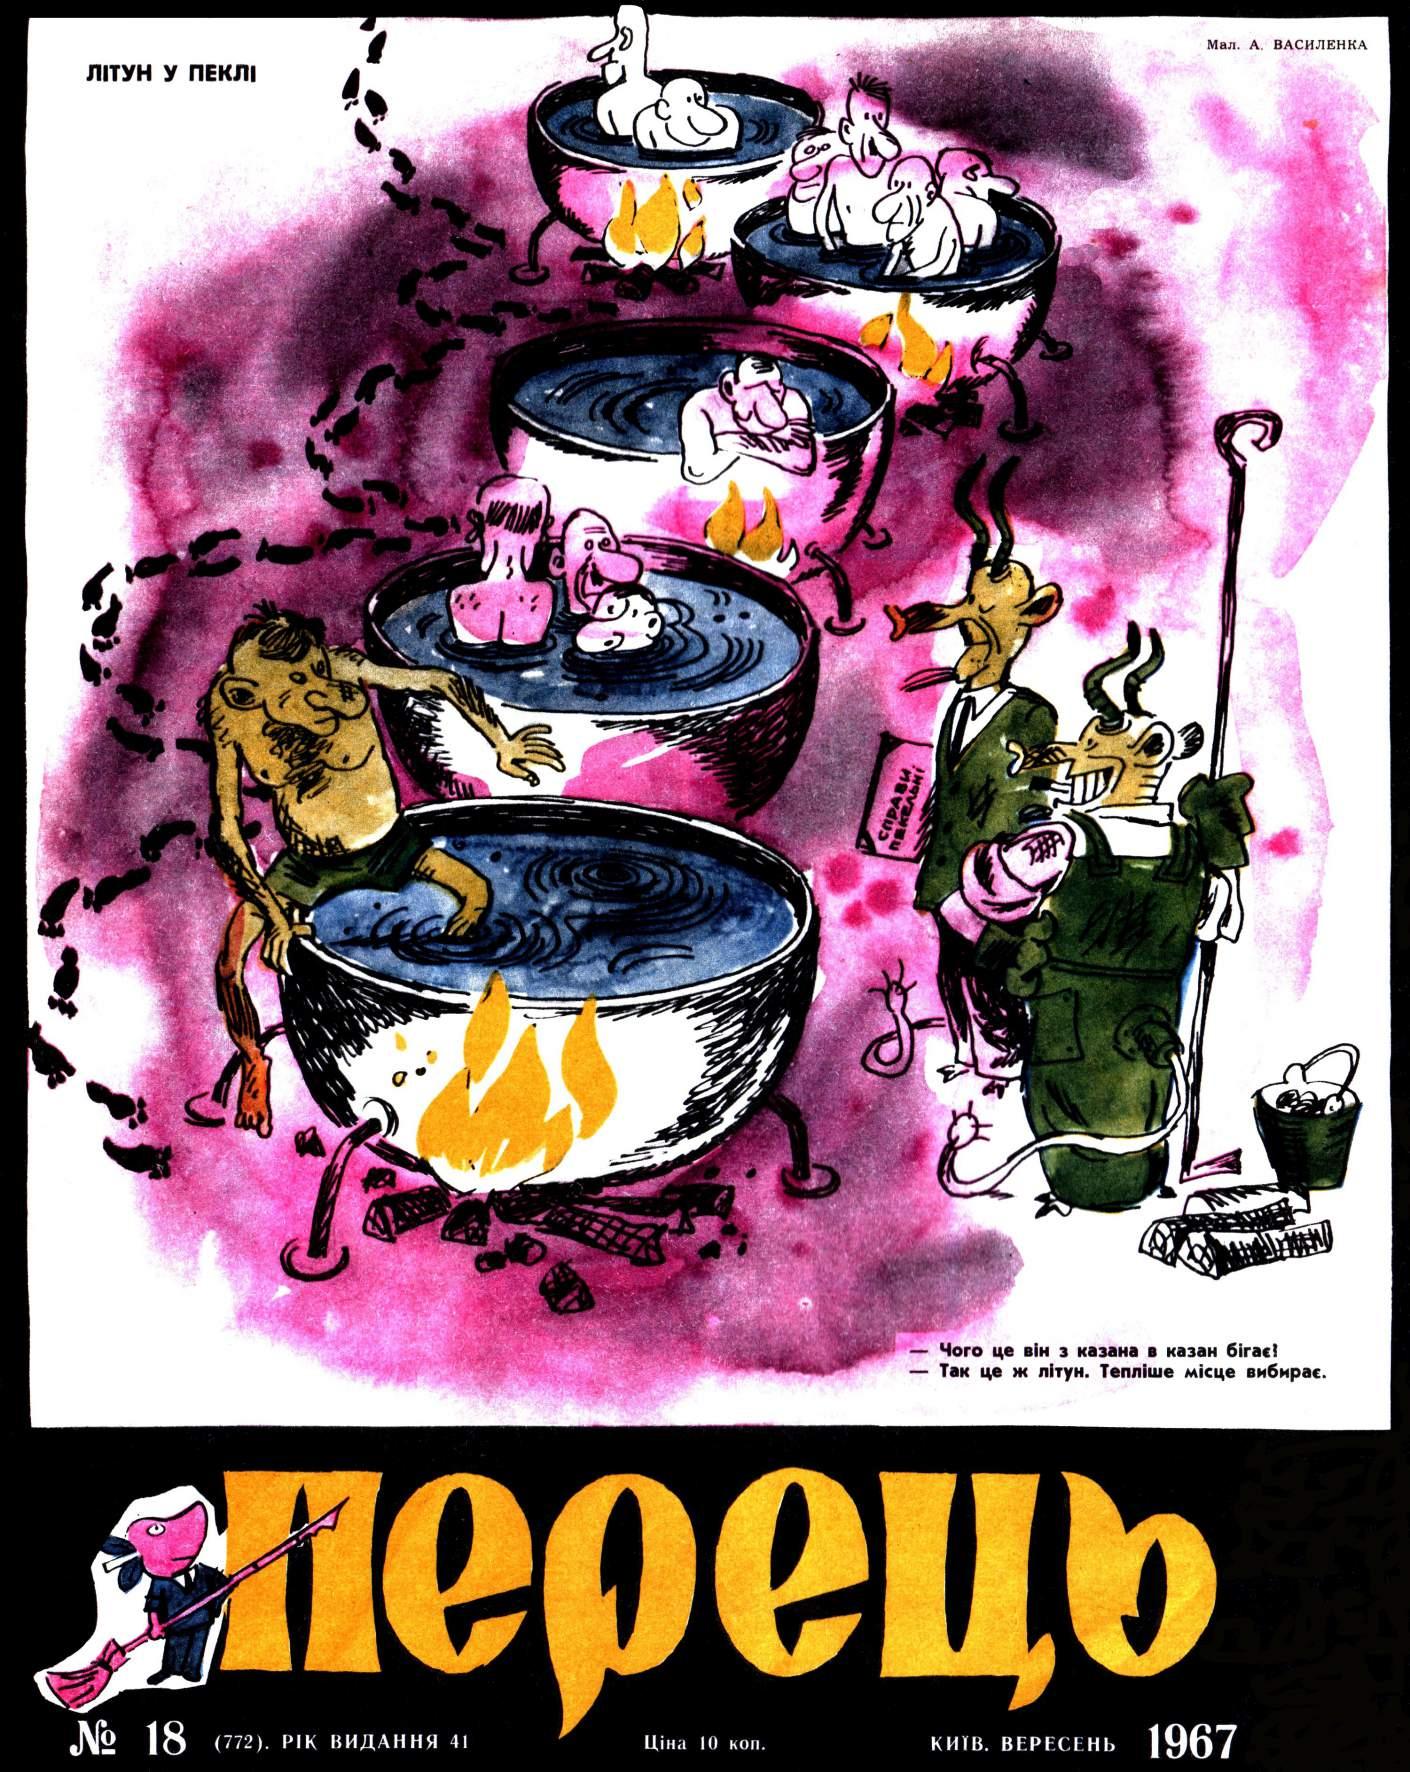 Журнал перець 1967 №18